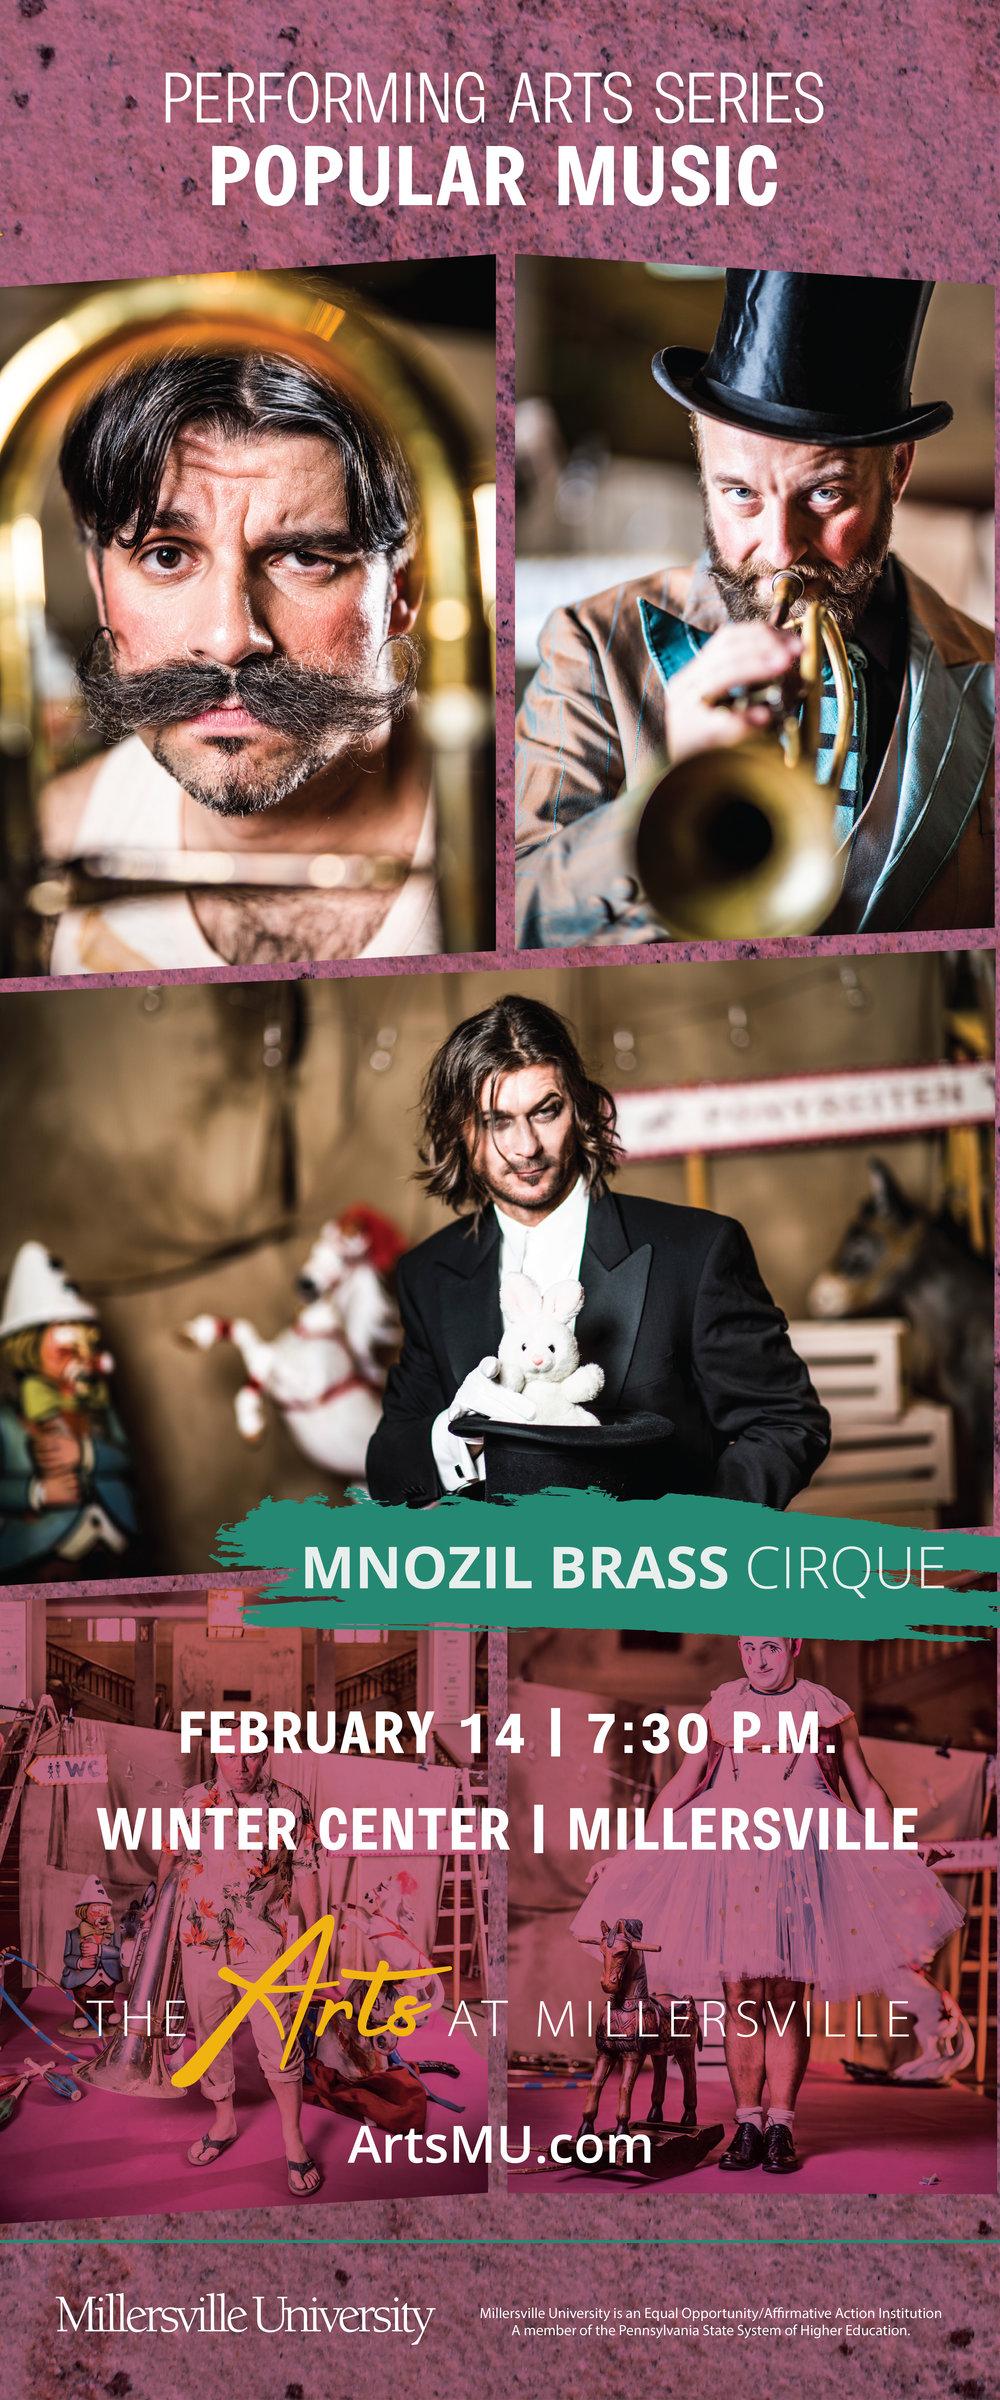 MnozilBrass_Banner-01.jpg